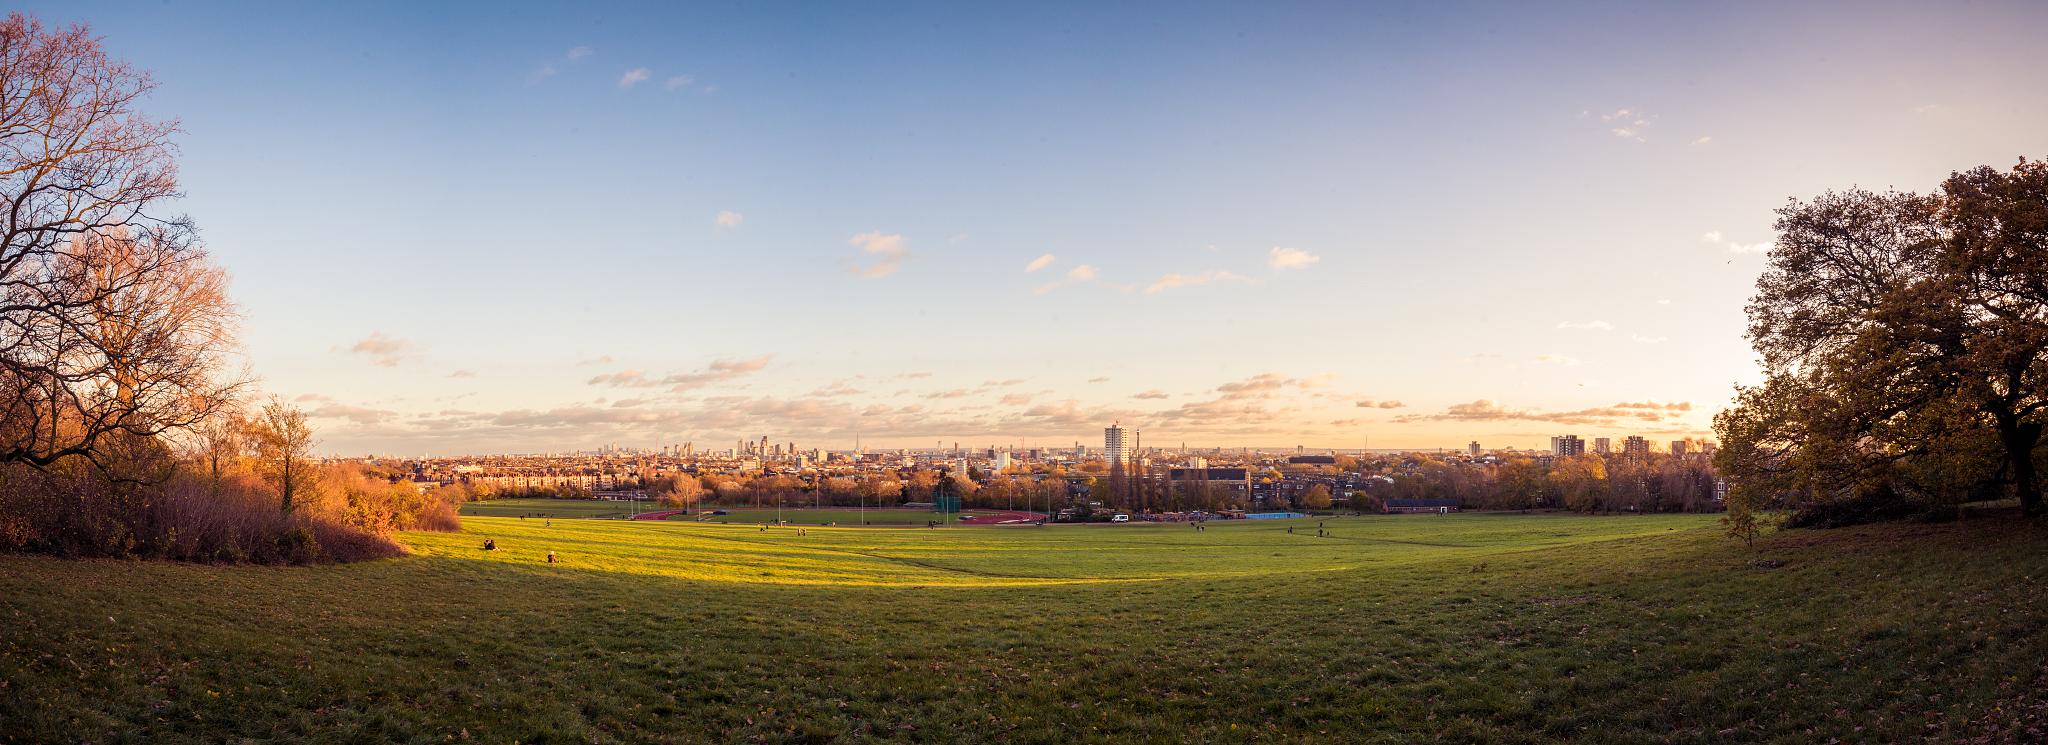 Ausblick von Hampsted Heath auf London